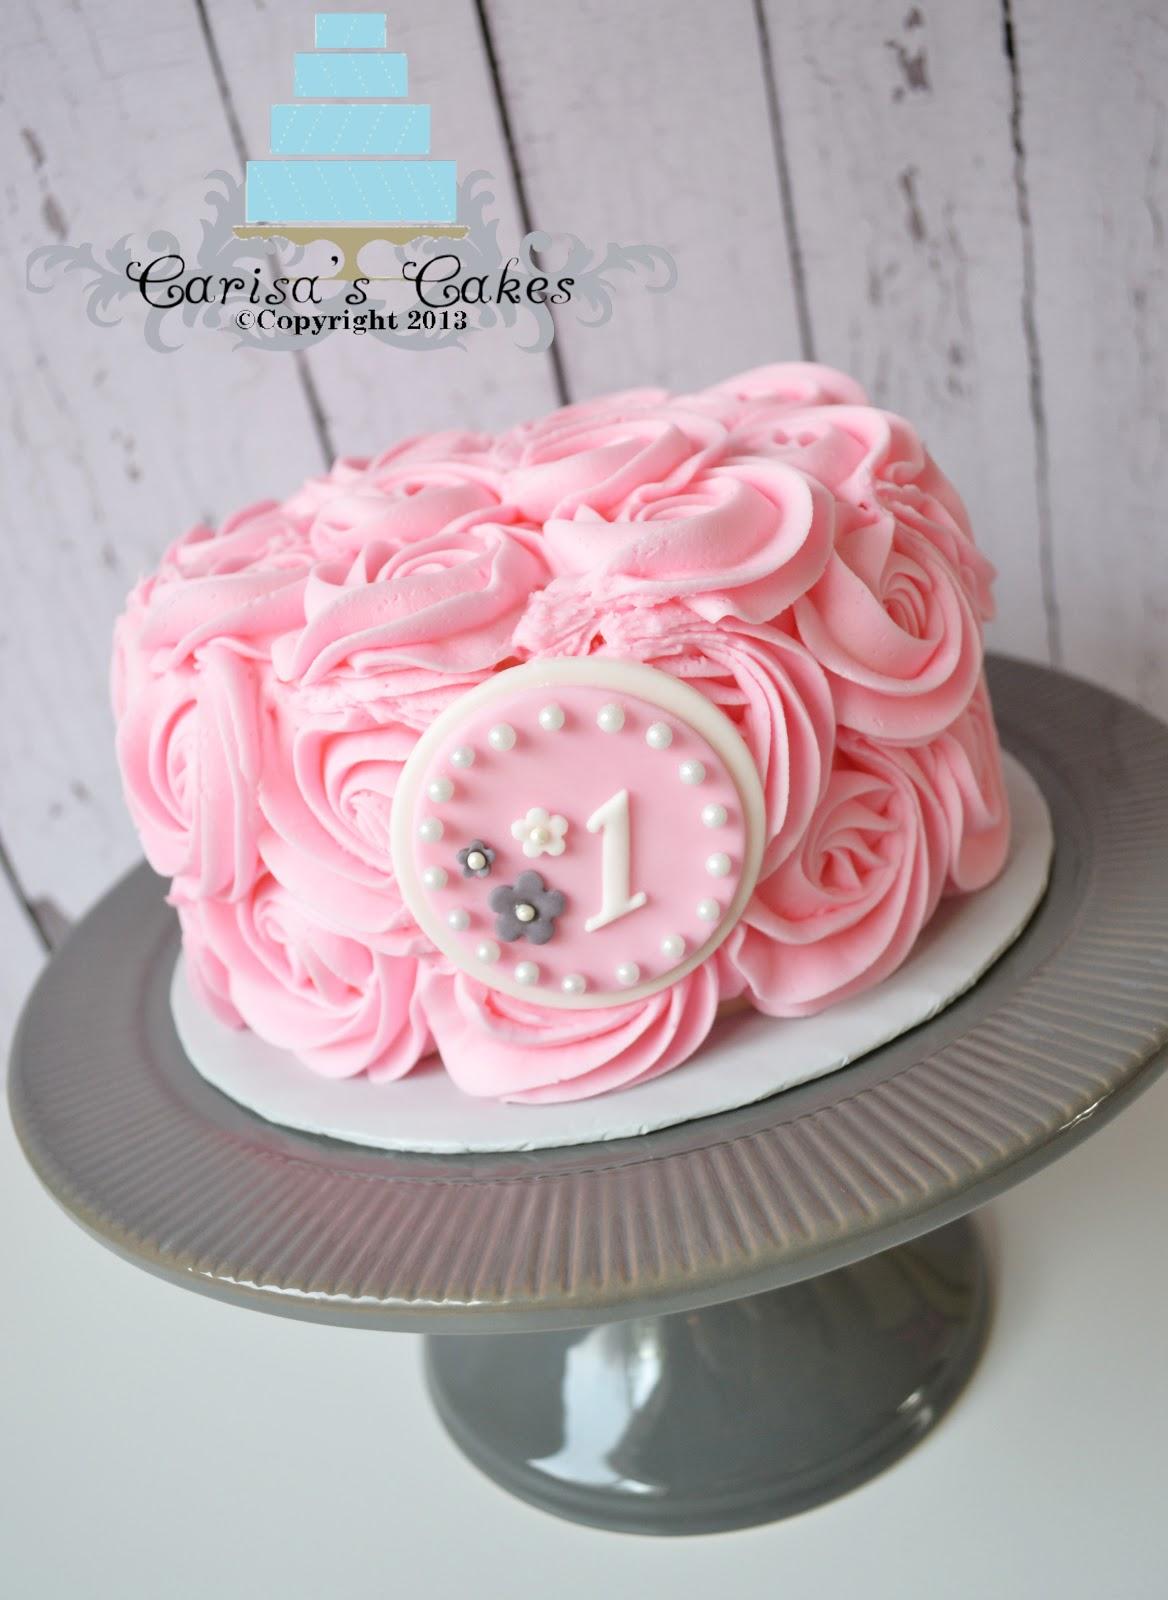 Carisa s Cakes